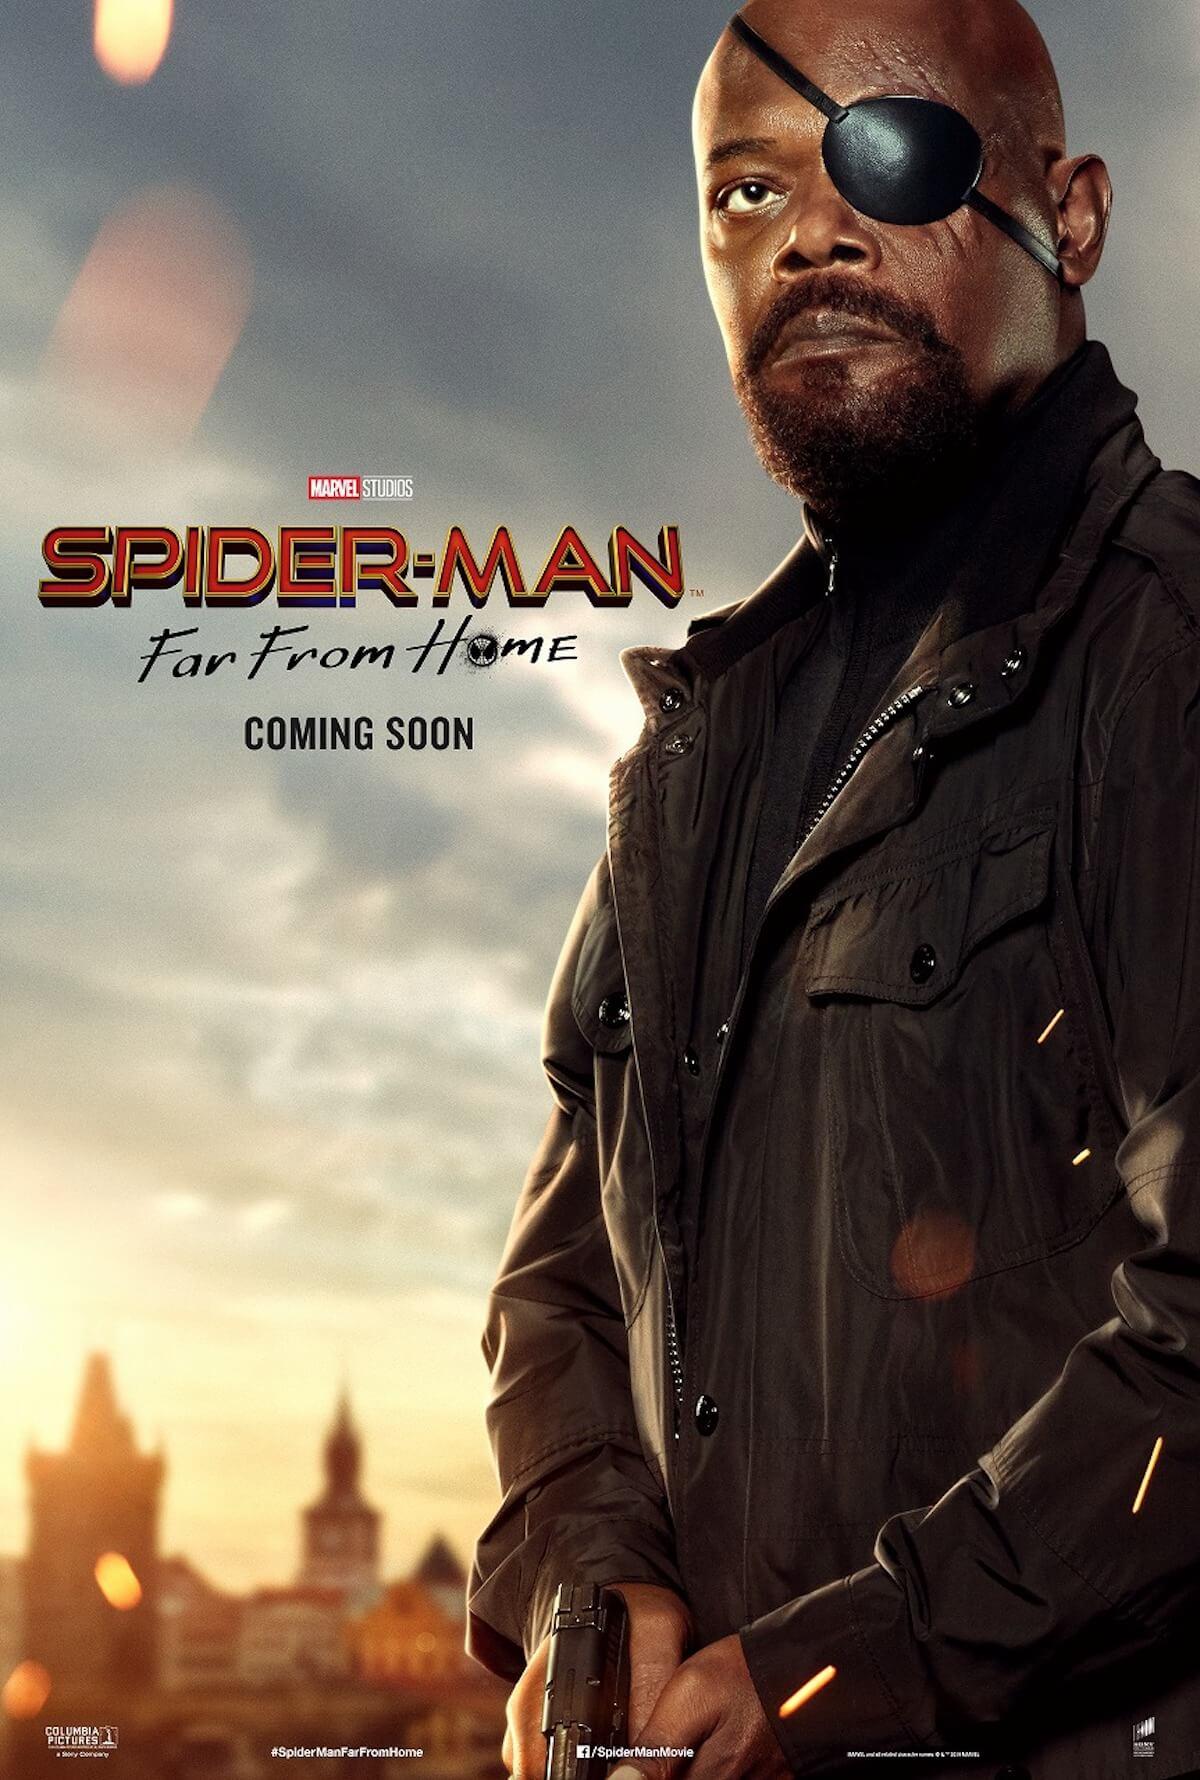 『スパイダーマン:ファー・フロム・ホーム』ストーリーの鍵を握る4人のポスターが解禁! film190523_spiderman_3